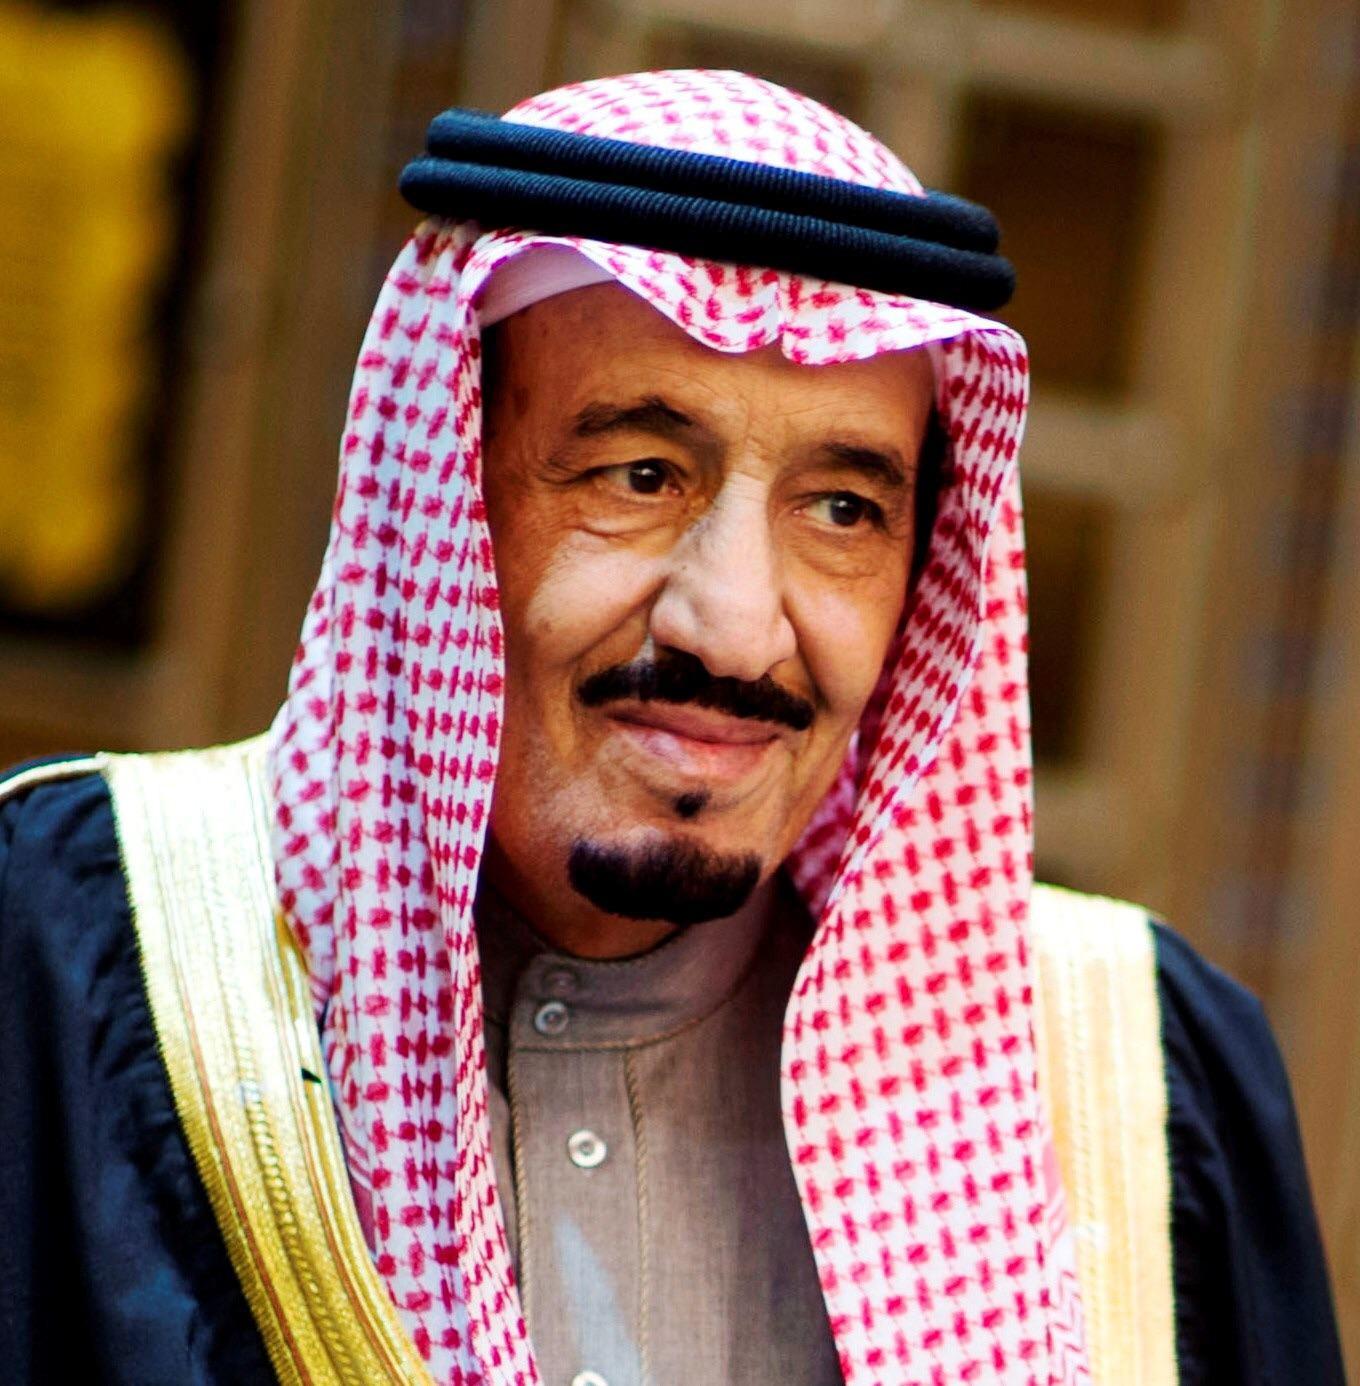 وفاة الملك عبدالله والأمير سلمان ملكاً و الأمير مقرن ولياً للعهد